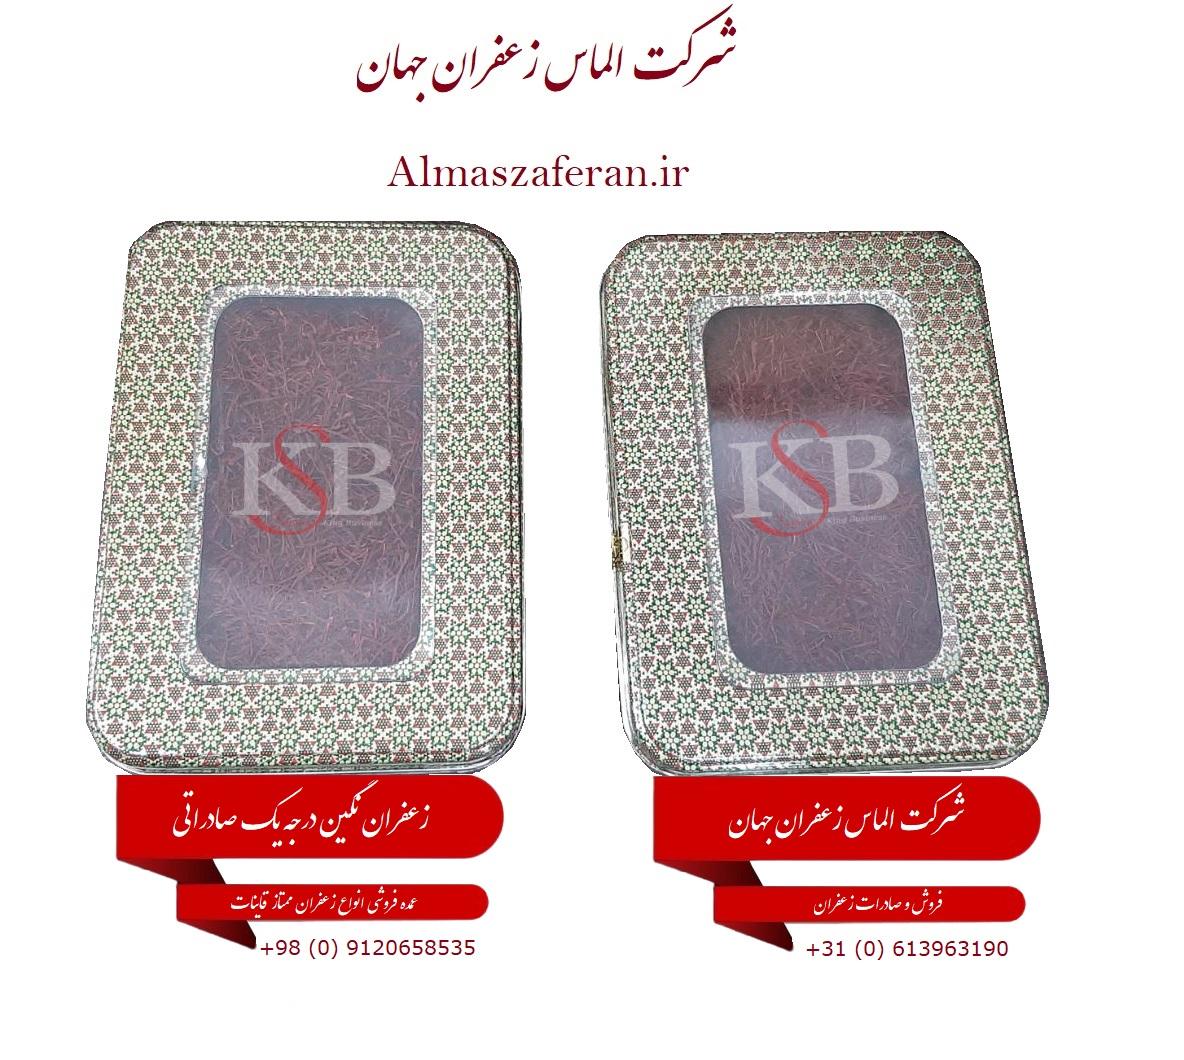 فروش زعفران عمده در فروشگاه زعفران